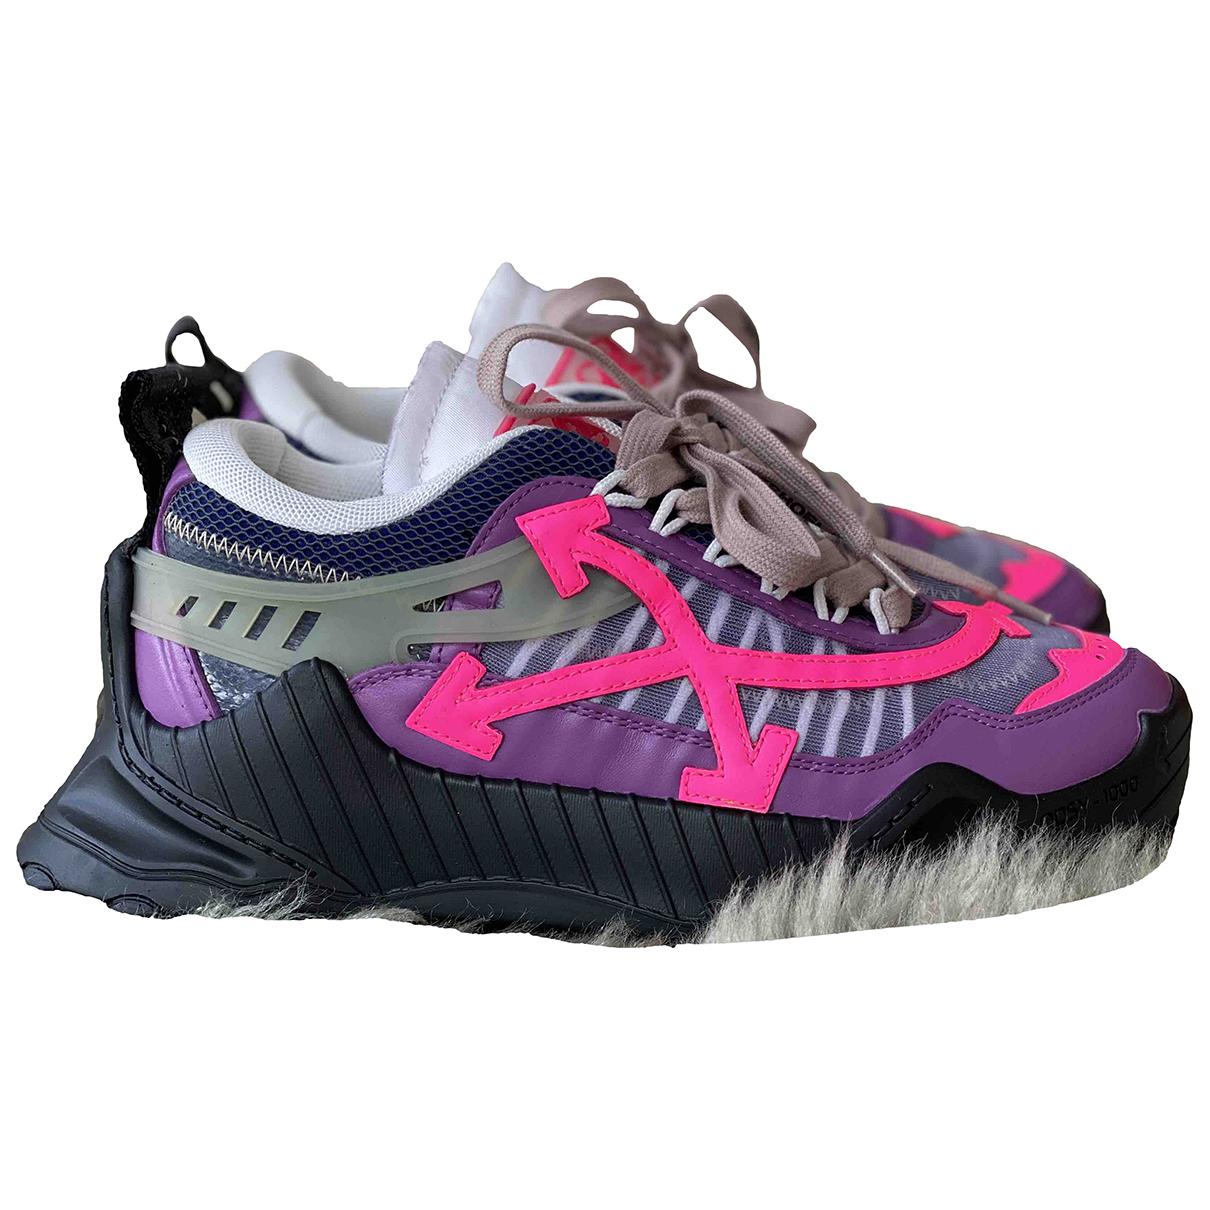 Off-white - Baskets Odsy-1000 pour femme en cuir - violet